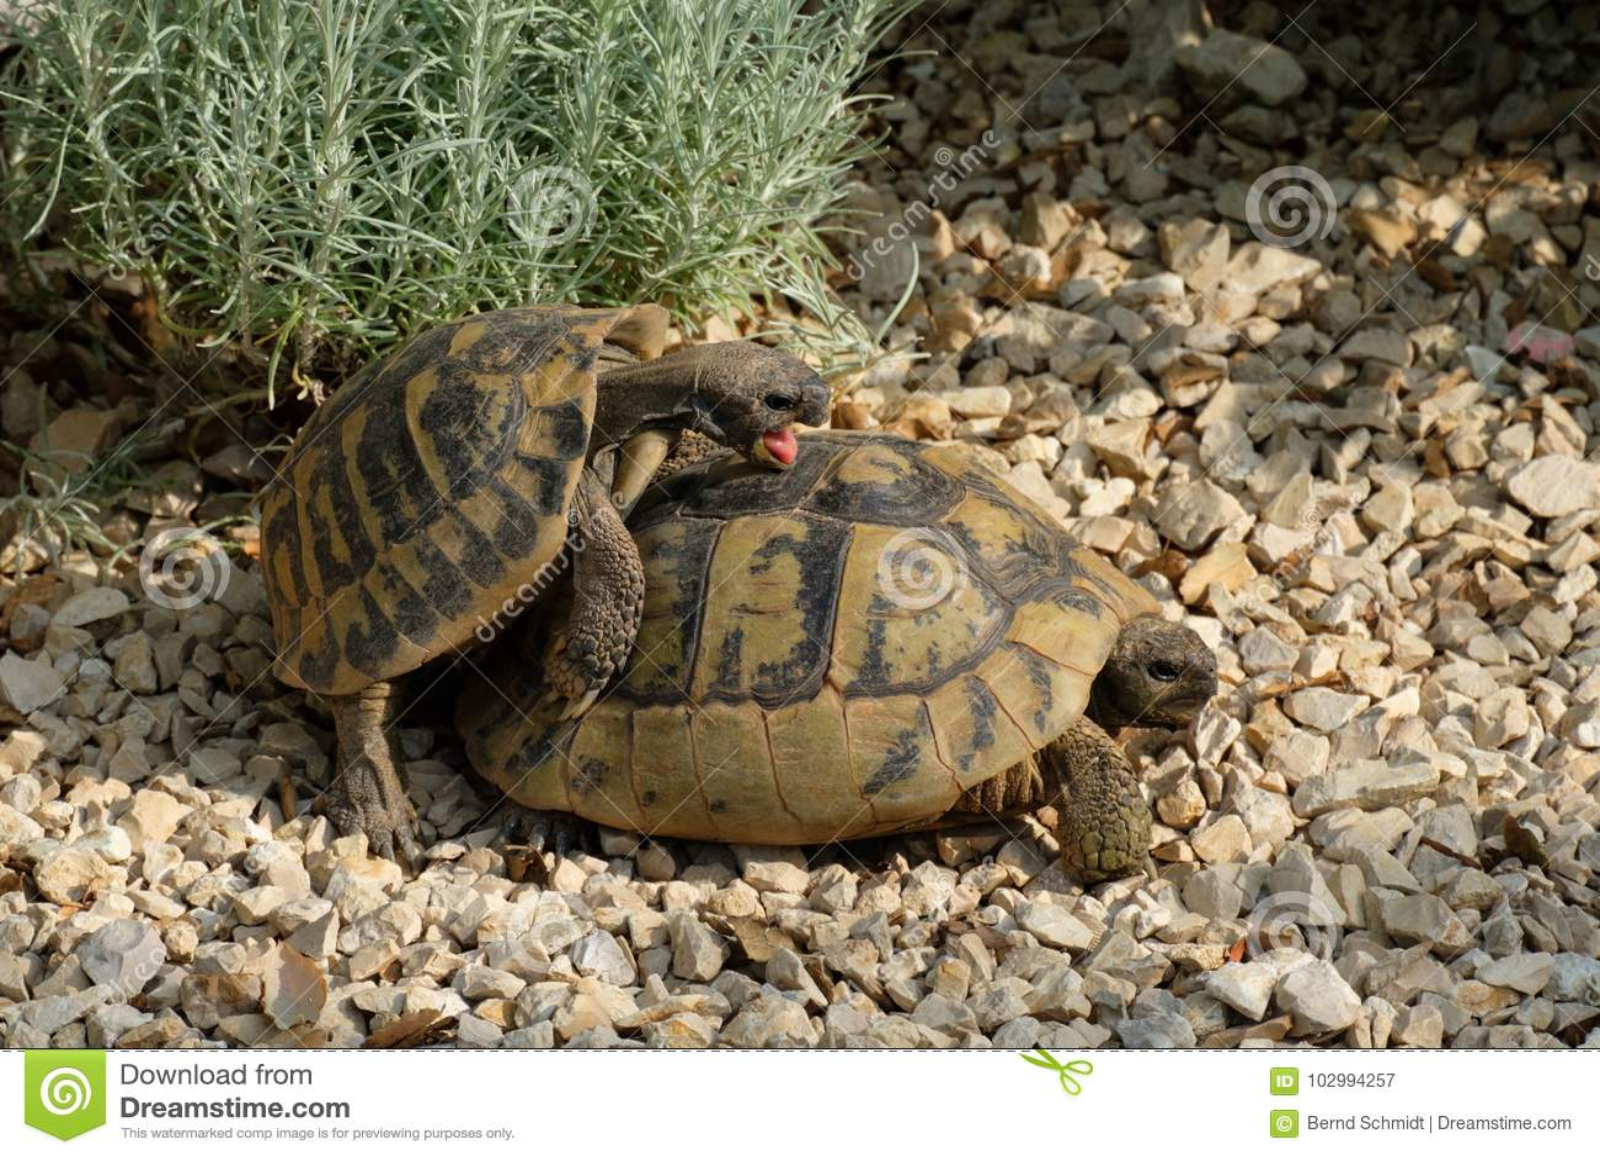 Mann Und Weibliche Griechische Schildkröte Haben Geschlechtsverkehr